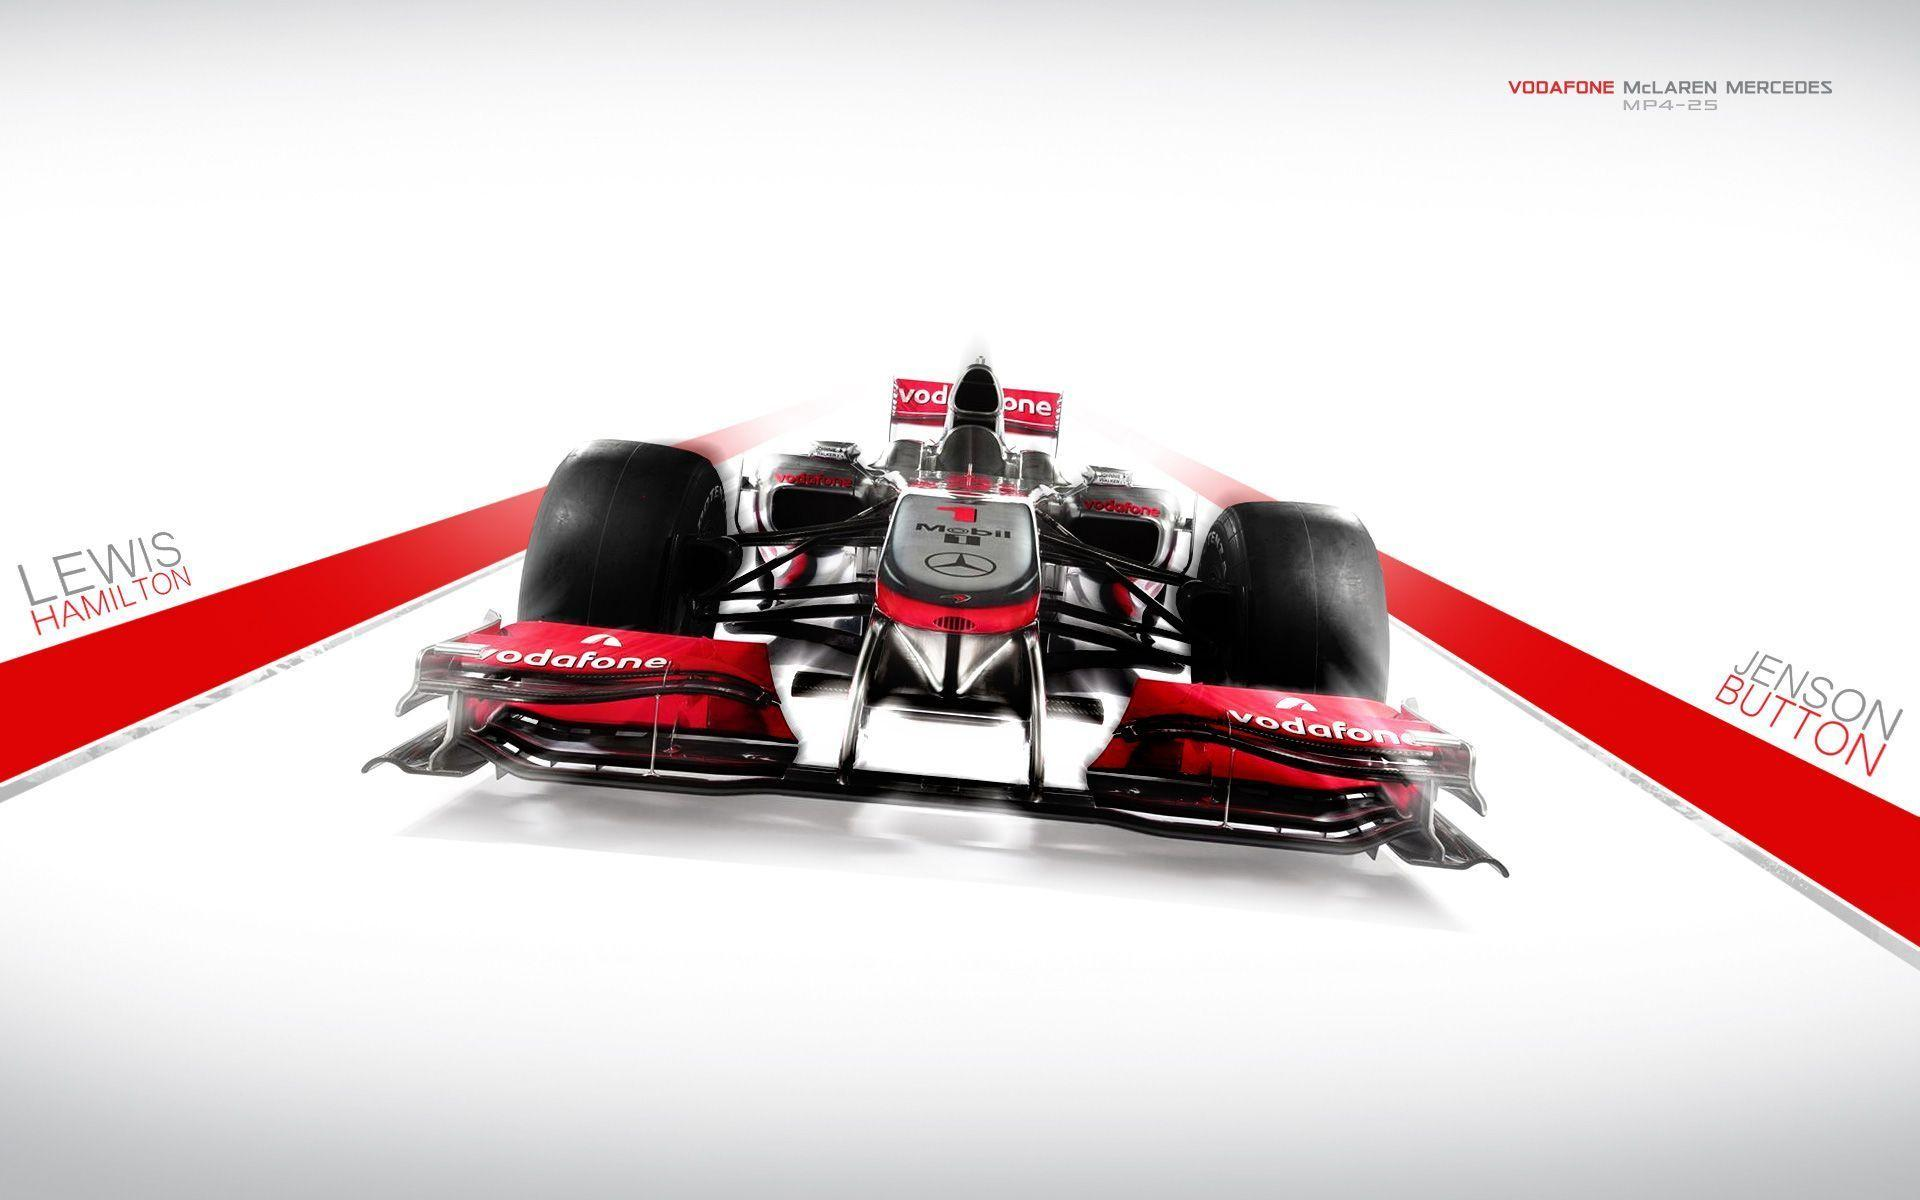 McLaren Wallpapers - Wallpaper Cave  Mclaren Logo Wallpaper